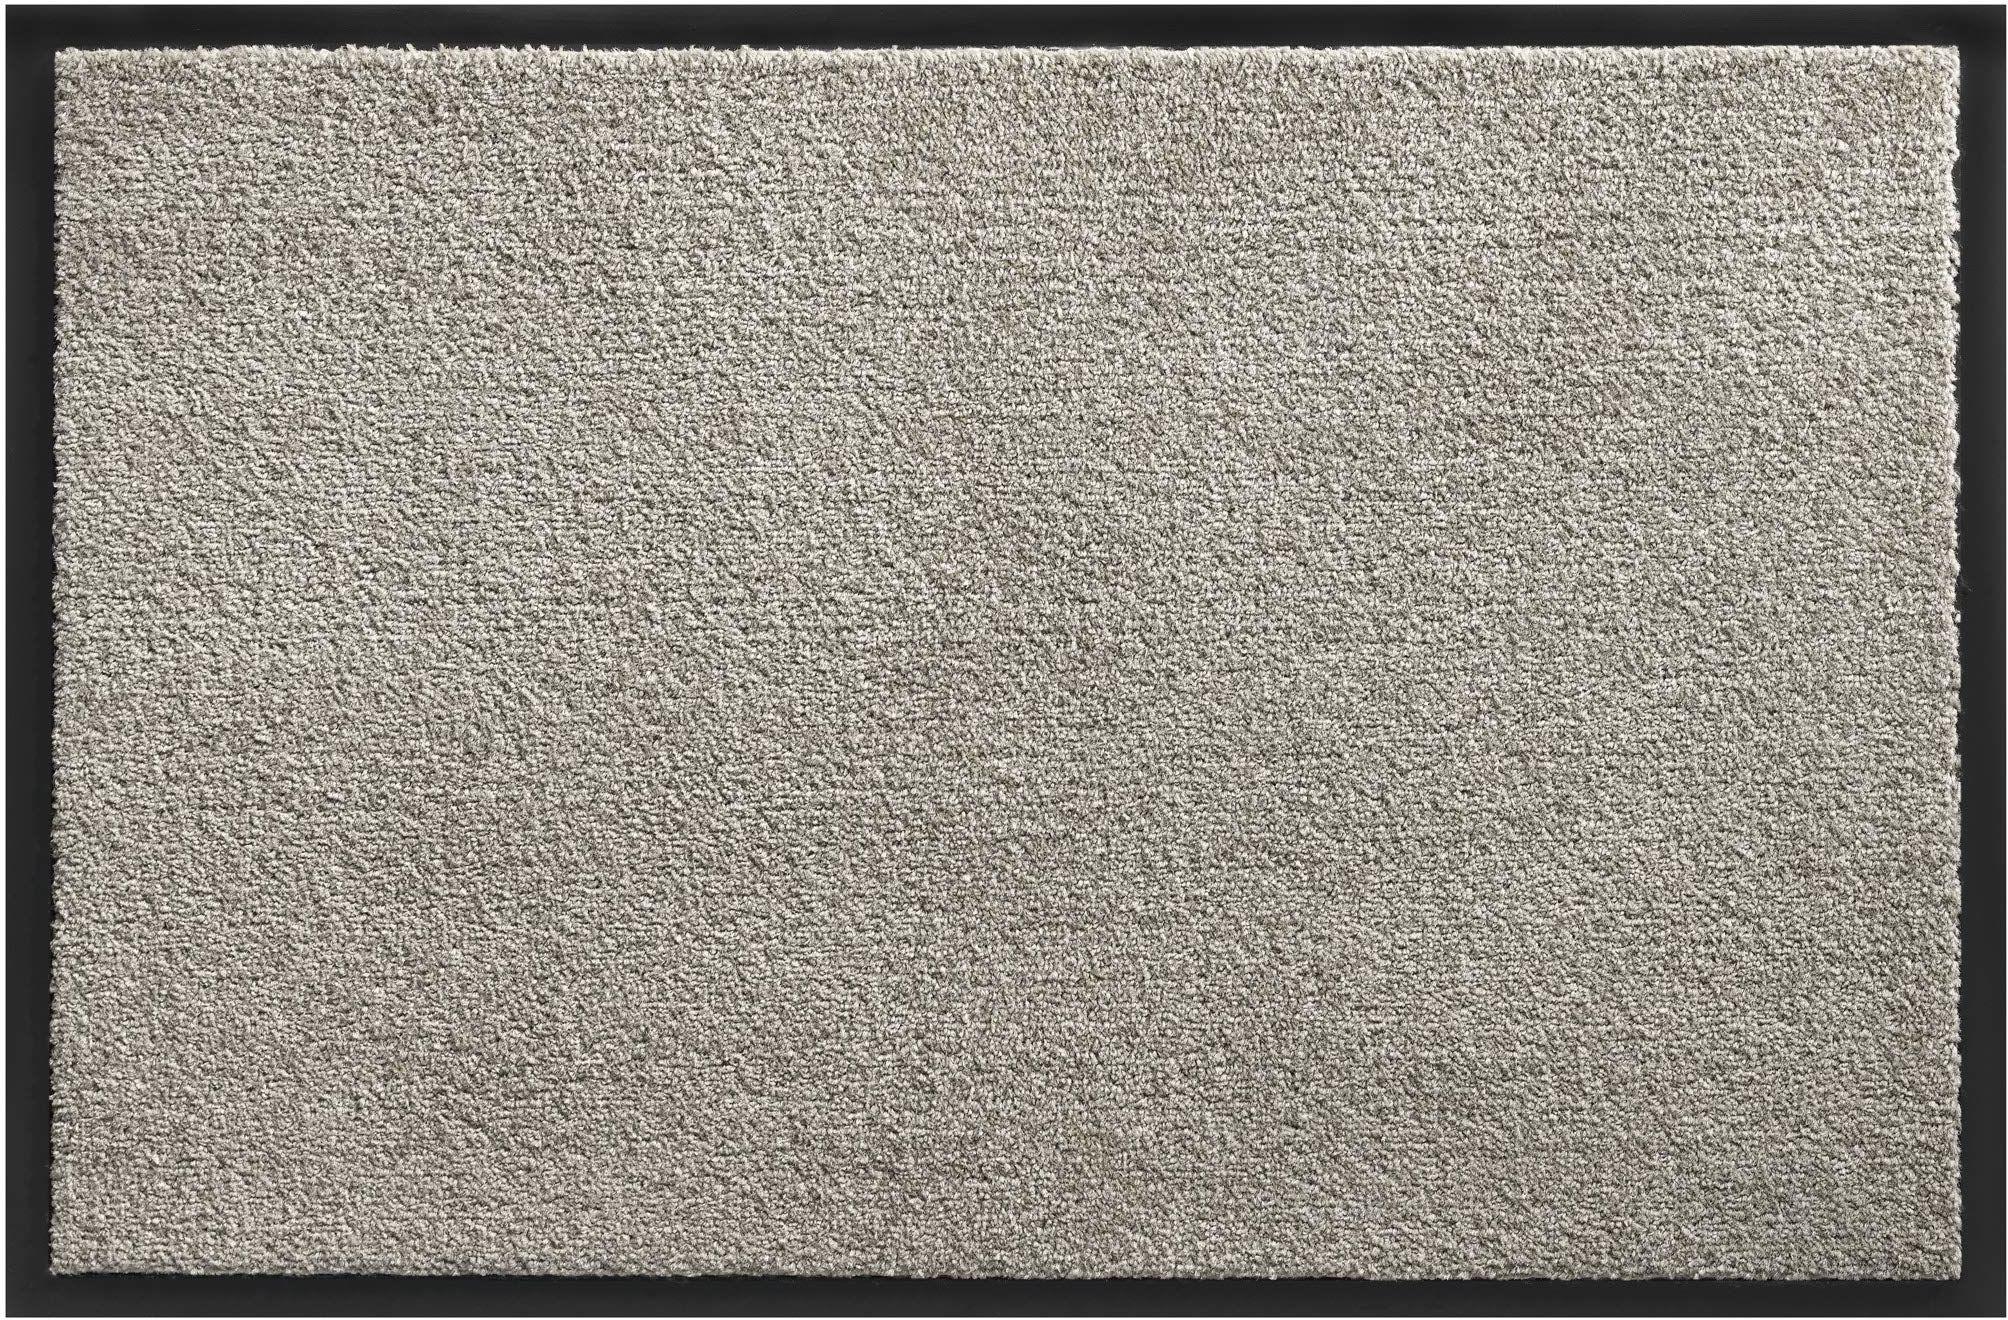 Cukierek mata wejściowa z polipropylenu przeciwpyłowego do użytku w pomieszczeniach 60 x 90 cm szara